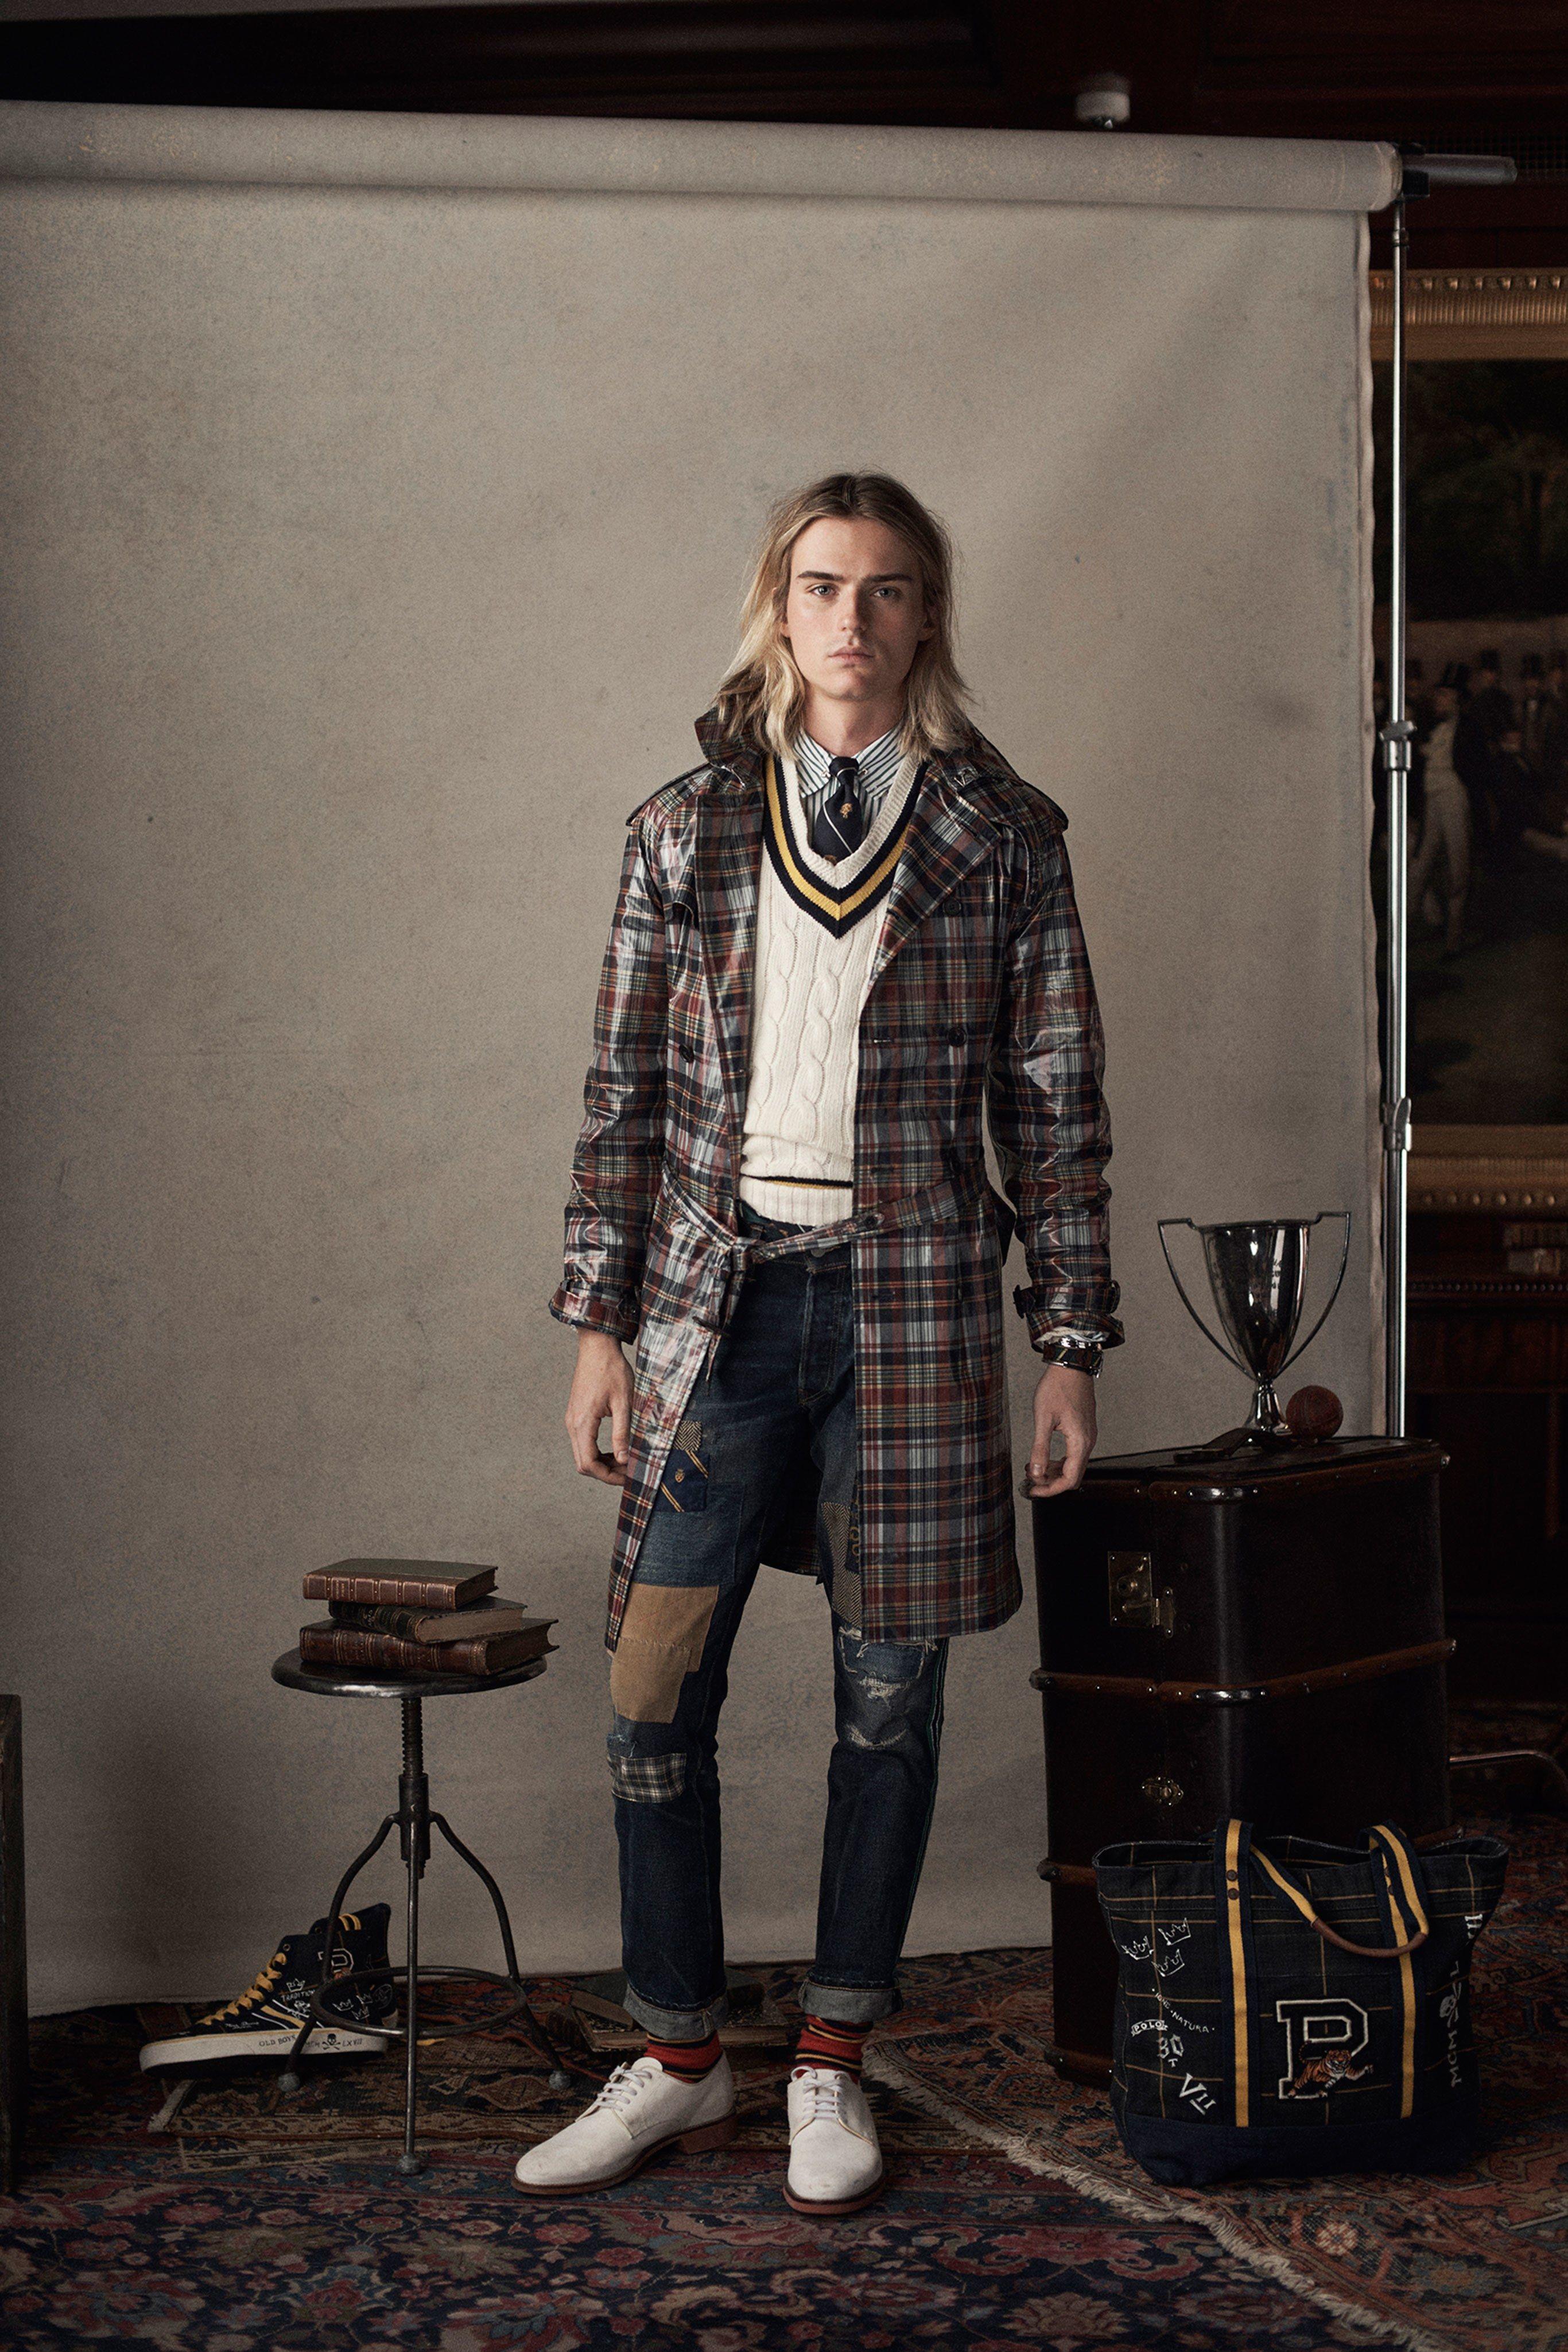 313c559da0 Polo Ralph Lauren Spring 2019 Menswear Collection - Vogue Moda Masculina